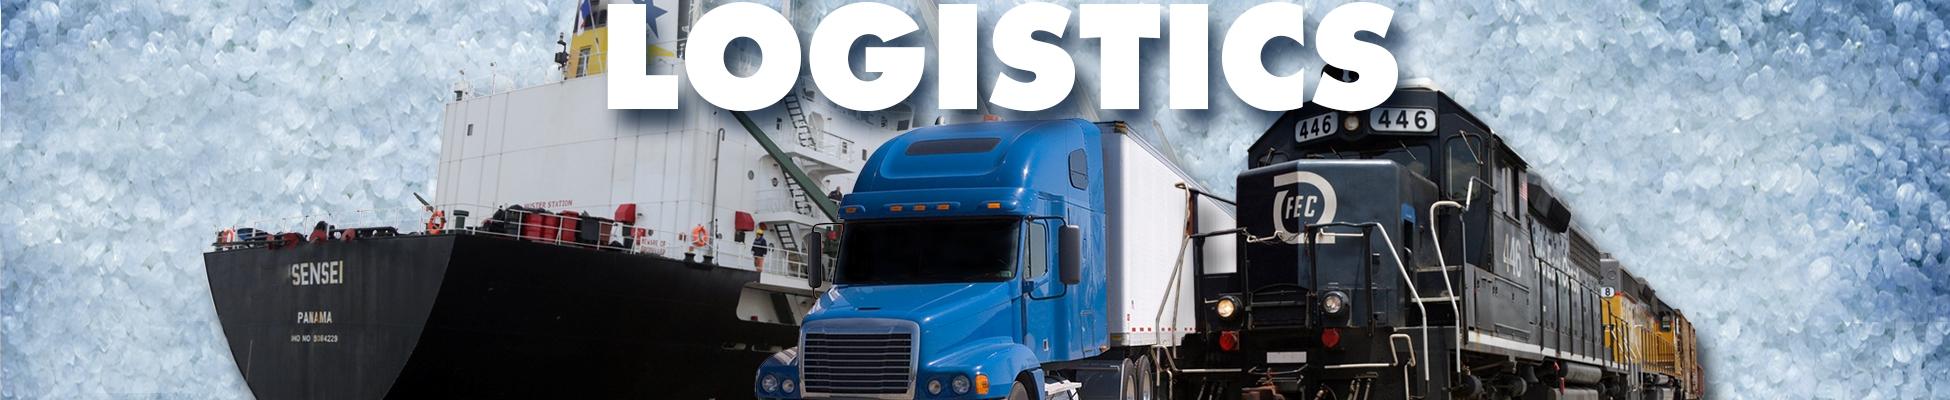 logistics-400